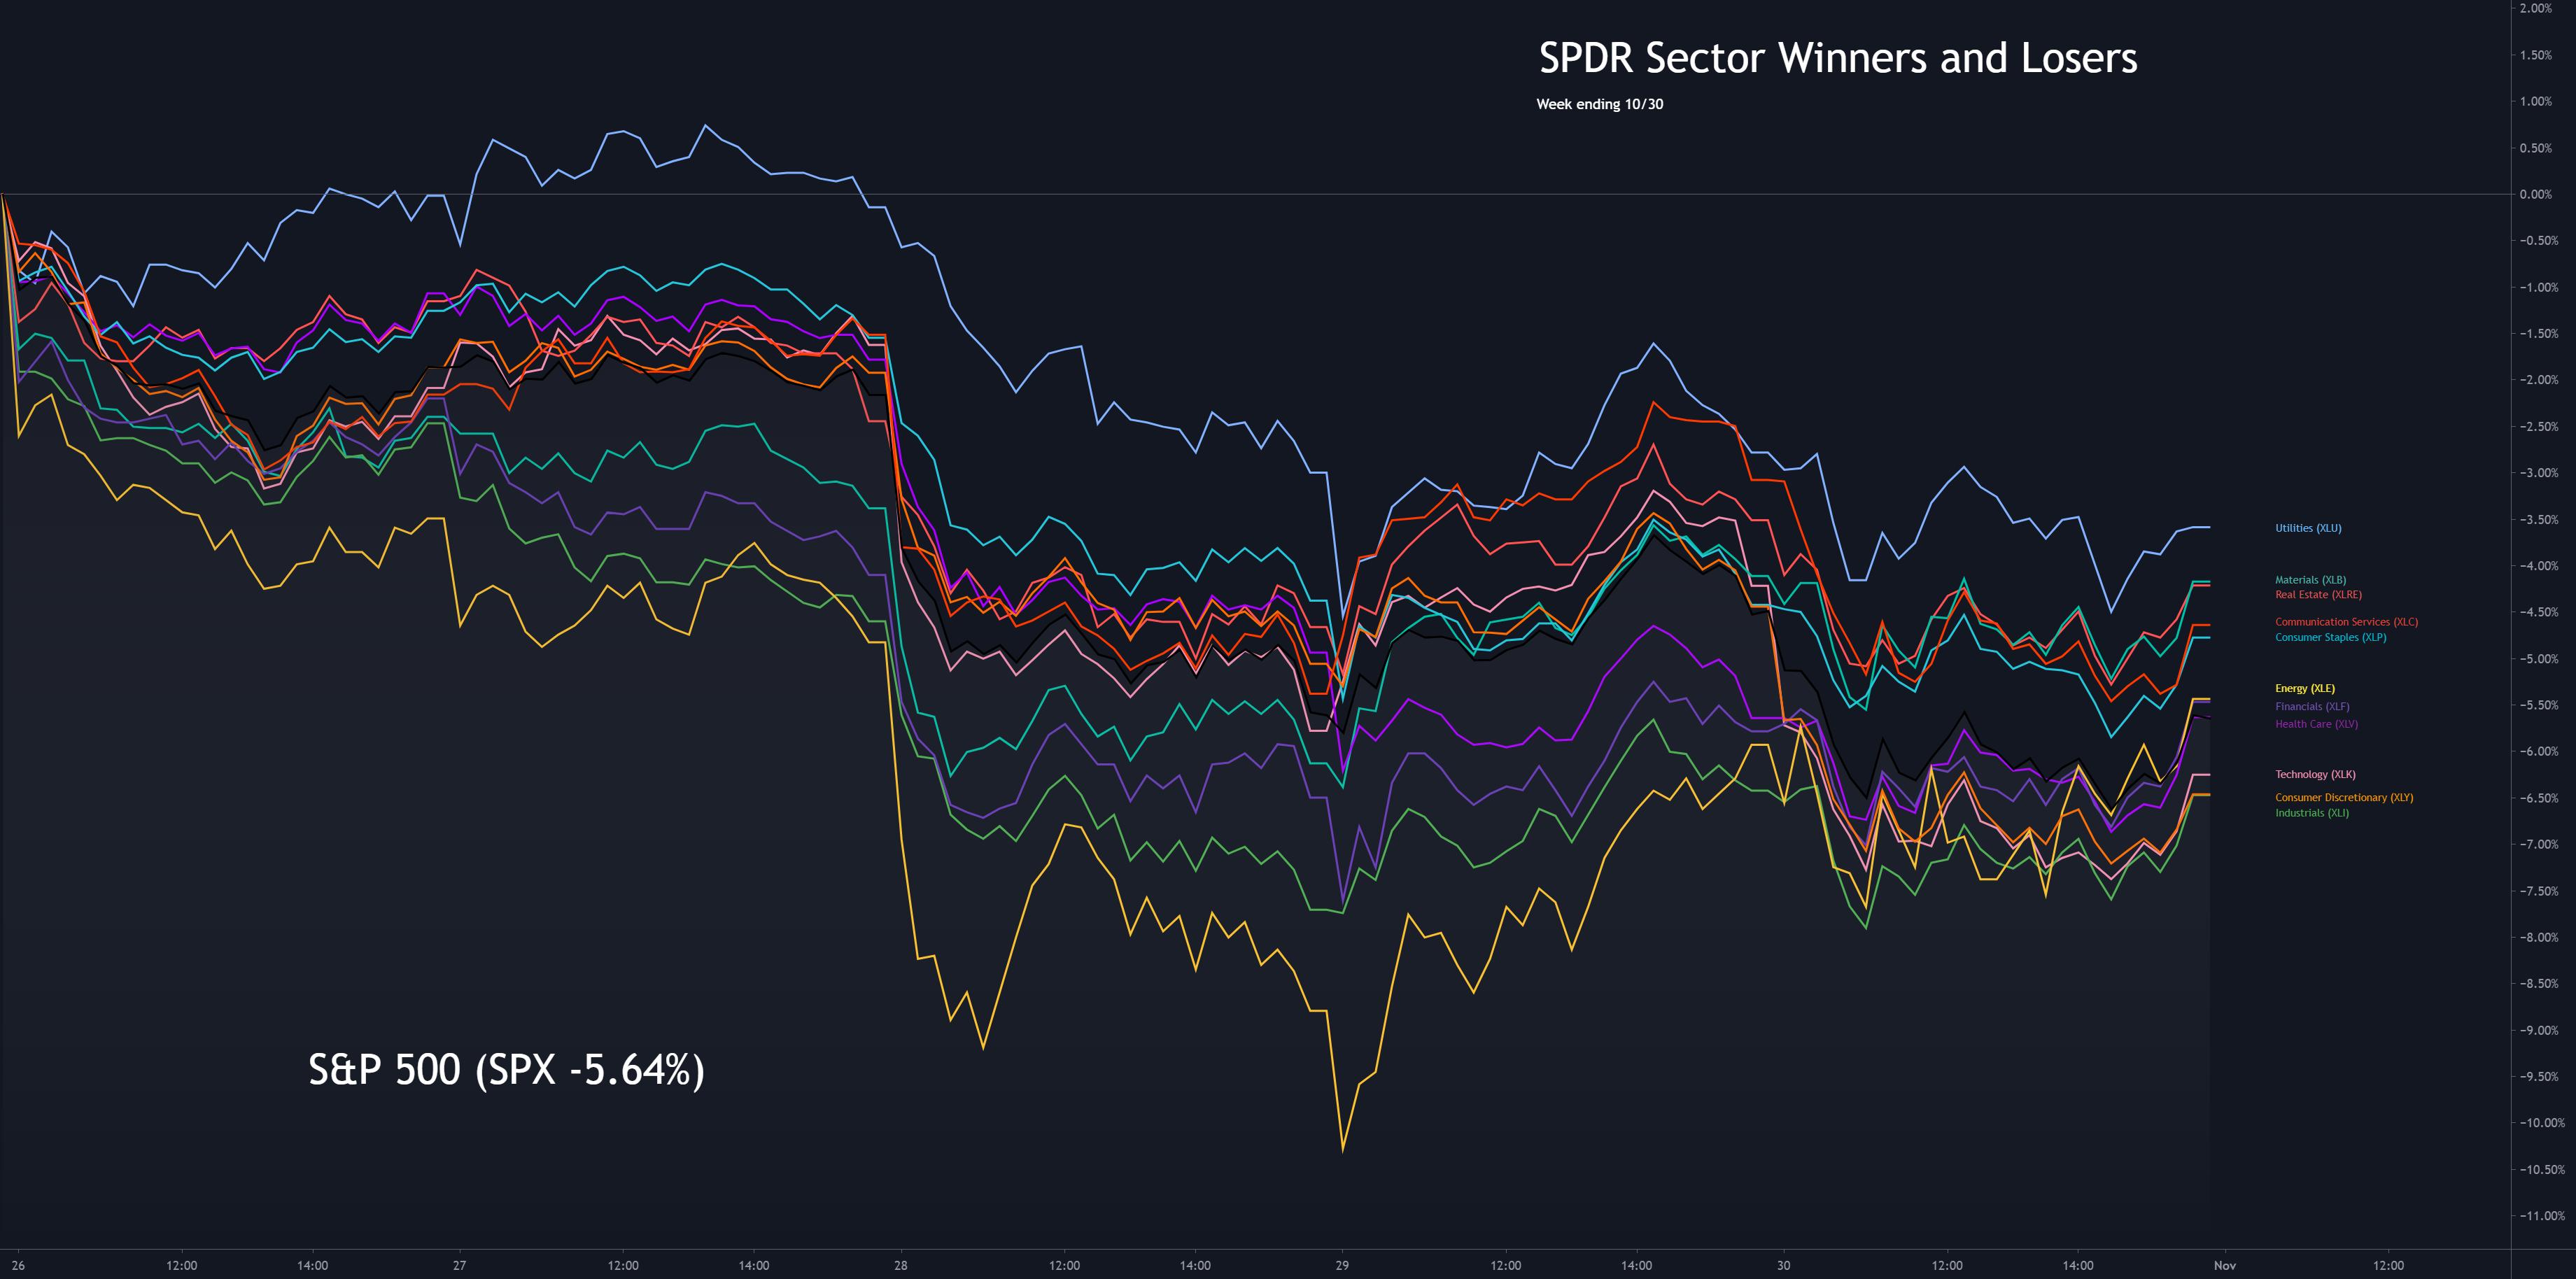 Sector Winners and Losers week ending 10/30